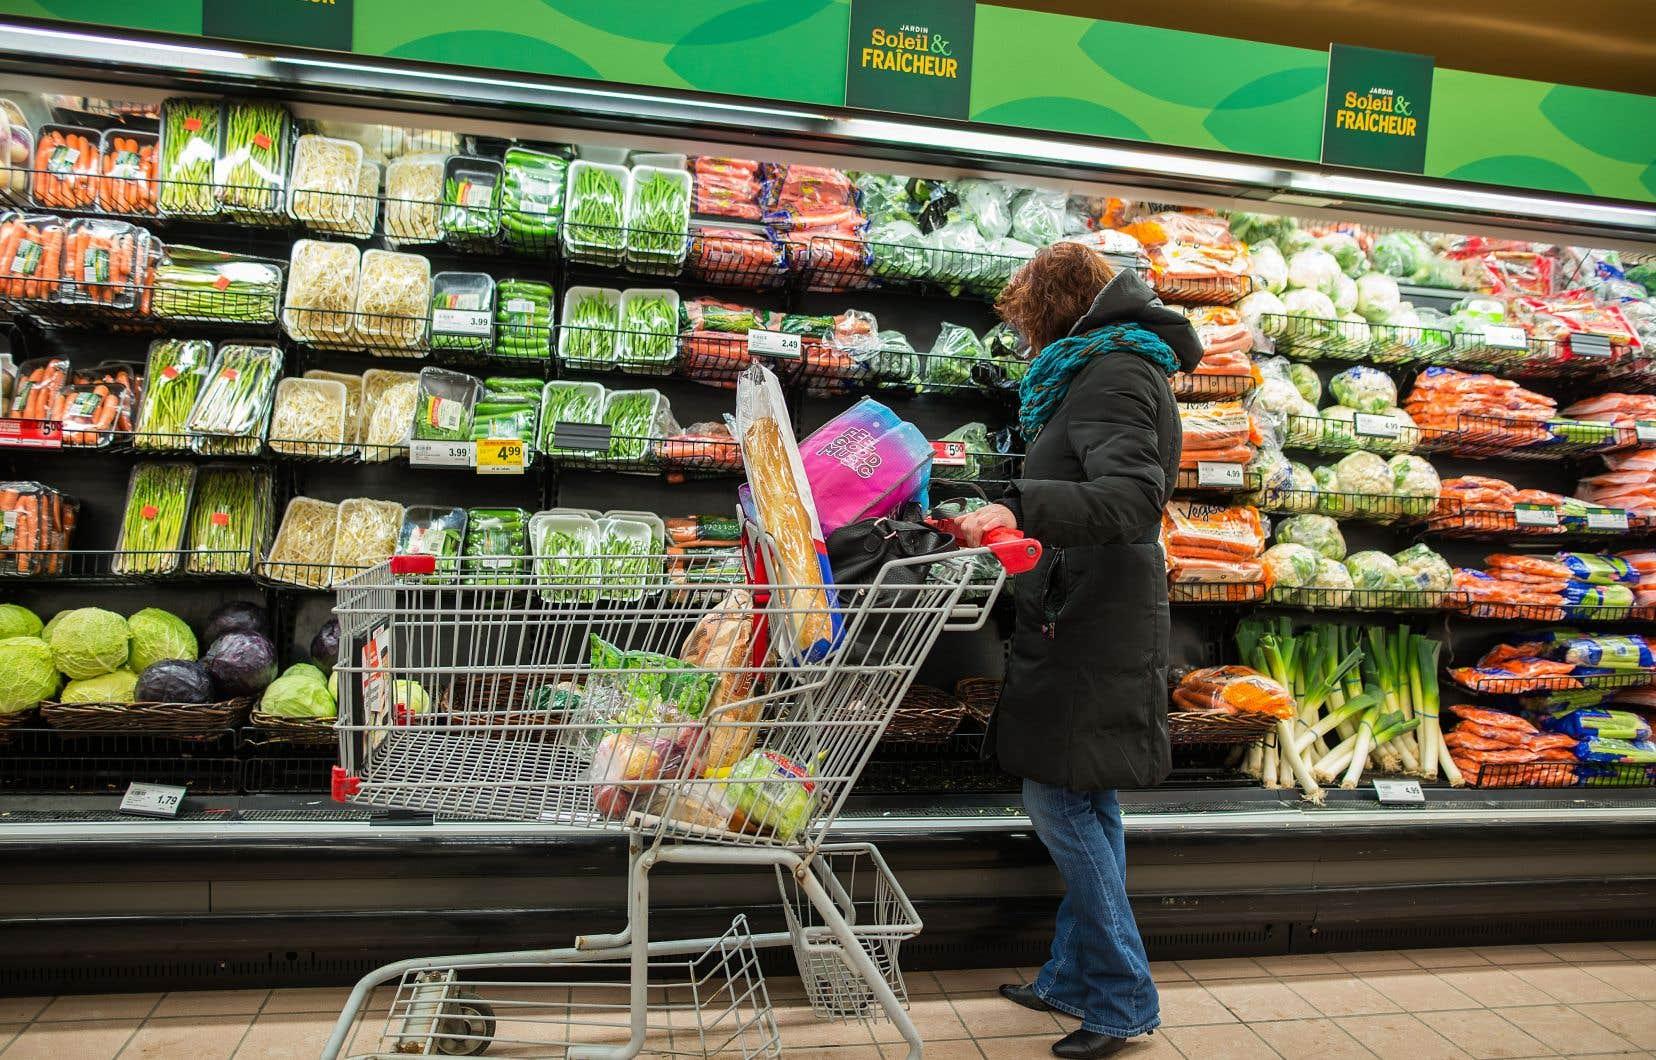 Le céleri est par exemple devenu un produit de luxe, atteignant près de 6$ le pied dans certaines épiceries.